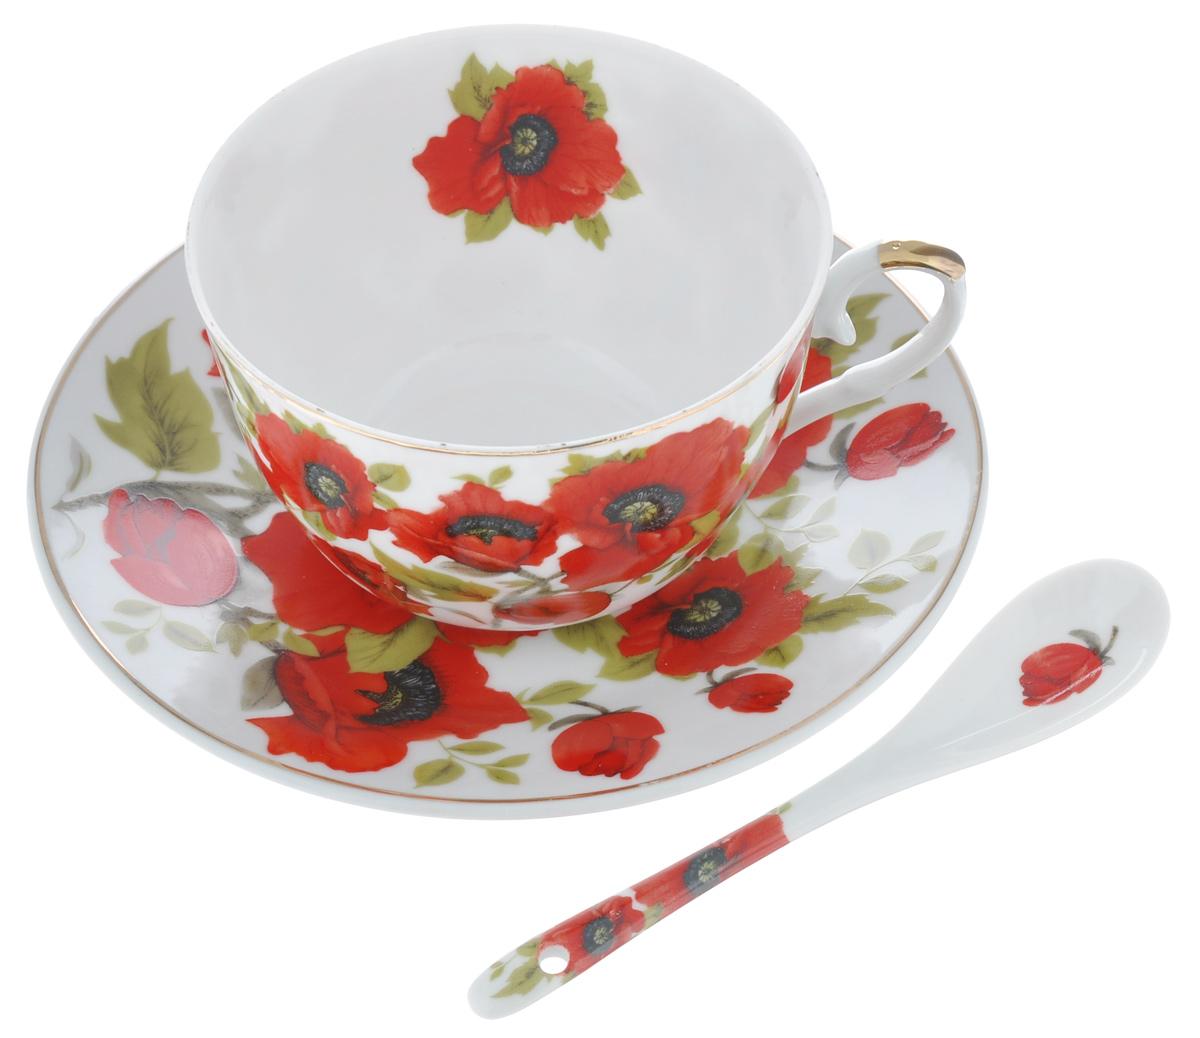 Чайная пара Elan Gallery Маки, с ложкой, цвет: белый, красный, 3 предмета180803Чайная пара Elan Gallery Маки, состоит из чашки блюдца и ложки. Предметы набора выполнены из высококачественной керамики и оформлены изящным изображением цветов. Яркий дизайн, несомненно, придется вам по вкусу. Чайная пара Elan Gallery Маки украсит ваш кухонный стол, а также станет замечательным подарком к любому празднику. Объем чашки: 250 мл. Диаметр чашки (по верхнему краю): 9,5 см. Диаметр дна чашки: 4,5 см. Высота чашки: 15 см. Диаметр блюдца: 6,5 см. Высота блюдца: 1,8 см. Размер рабочей поверхности ложки: 4 см х 2,5 см х 1 см. Длина ложки: 12,5 см.